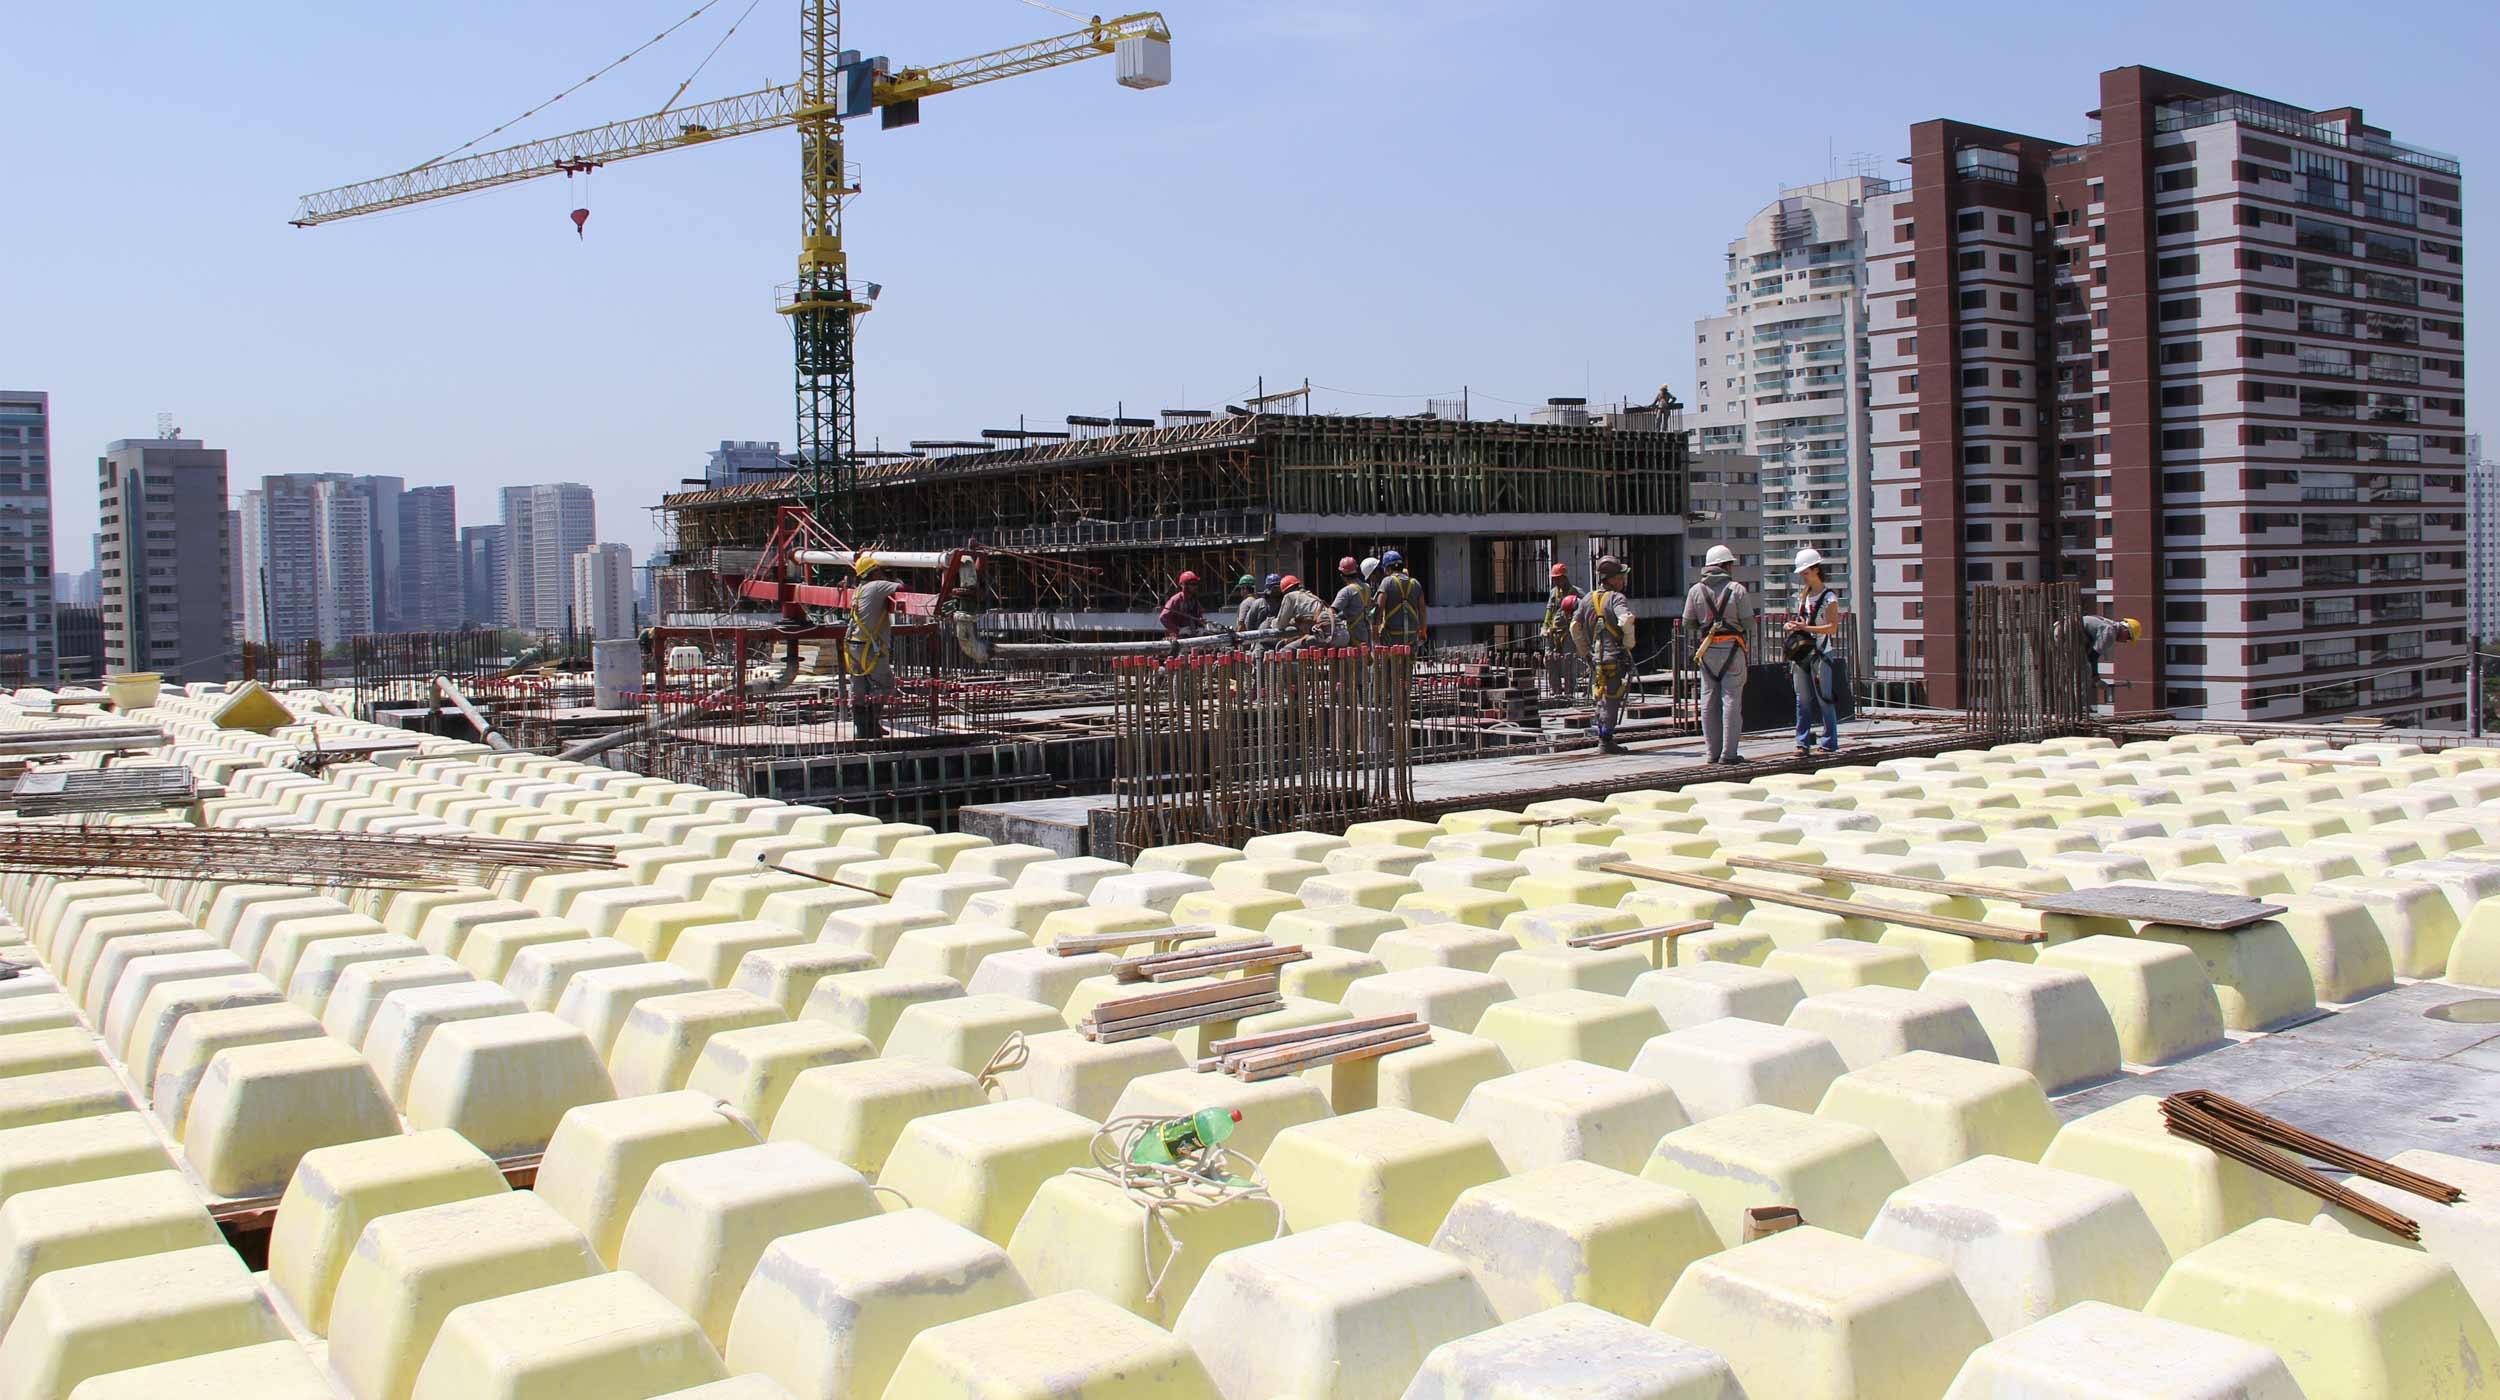 O empreendimento Urbanity, obra da Even Construtora, traz para São Paulo um complexo multiuso com a finalidade de reunir muitas possibilidades em um único lugar, agregando residenciais, escritórios, lajes corporativas e shopping.